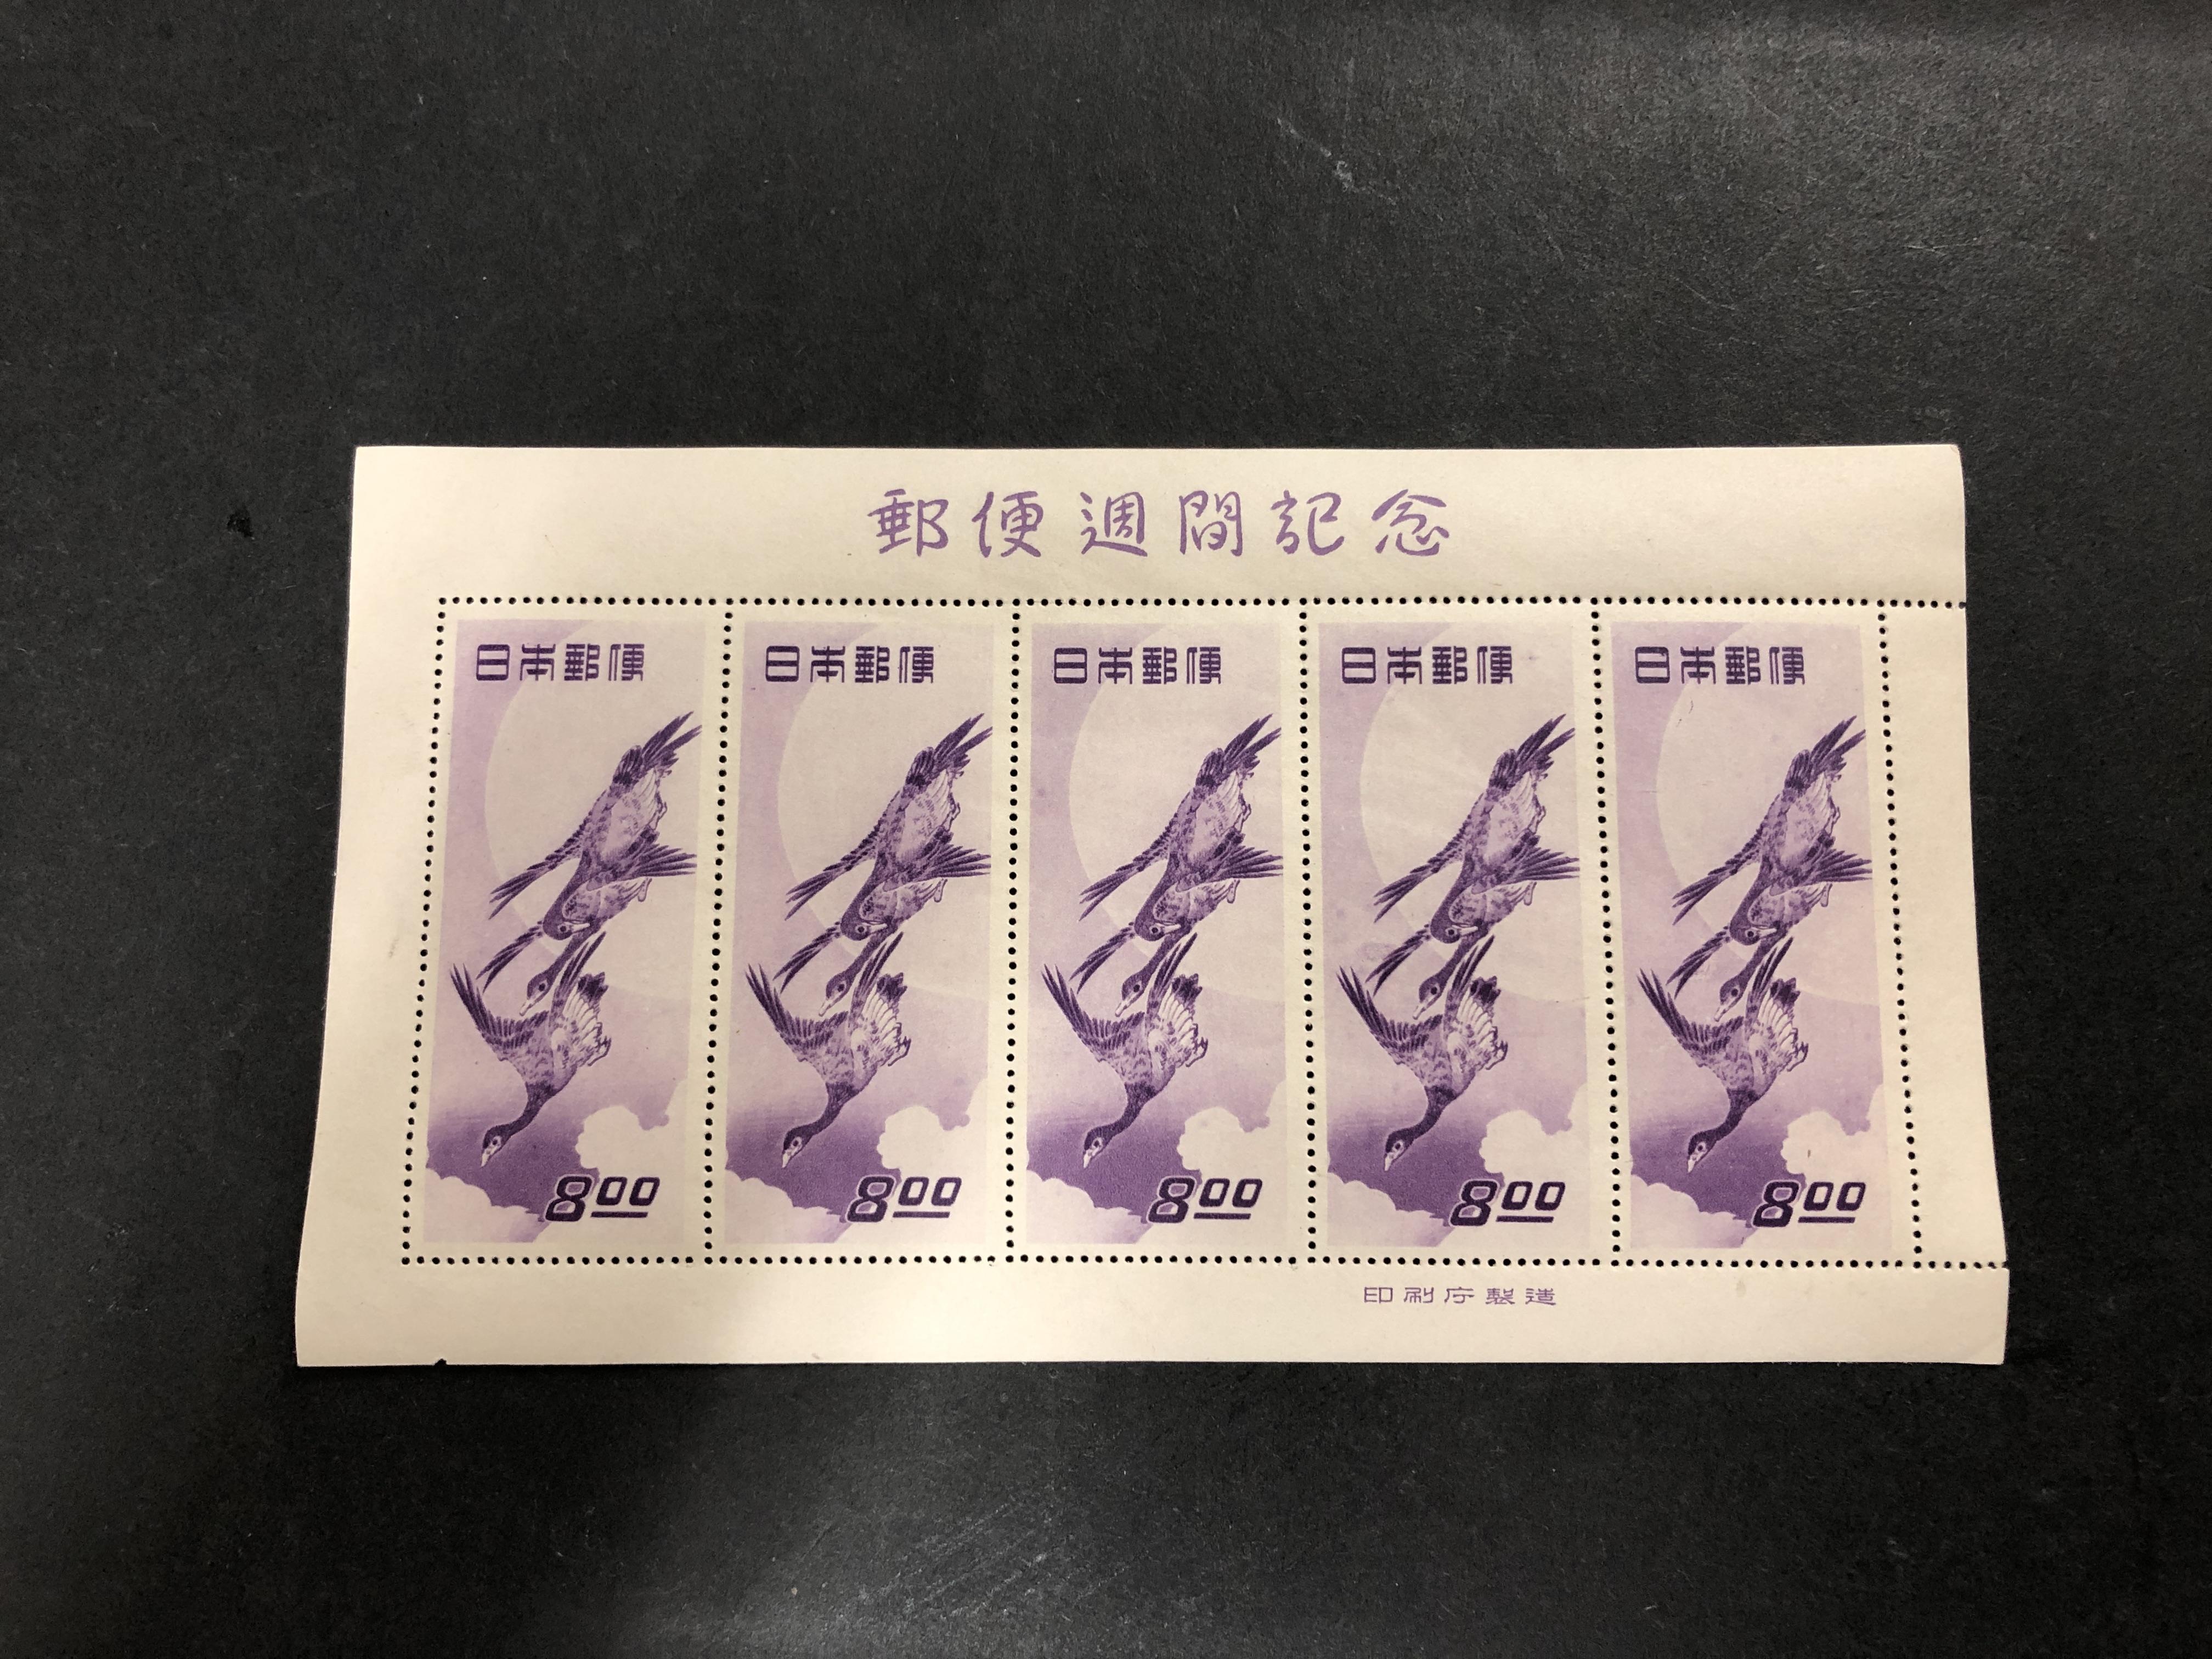 プレミアム切手 記念切手 月に雁 買取 高価買取